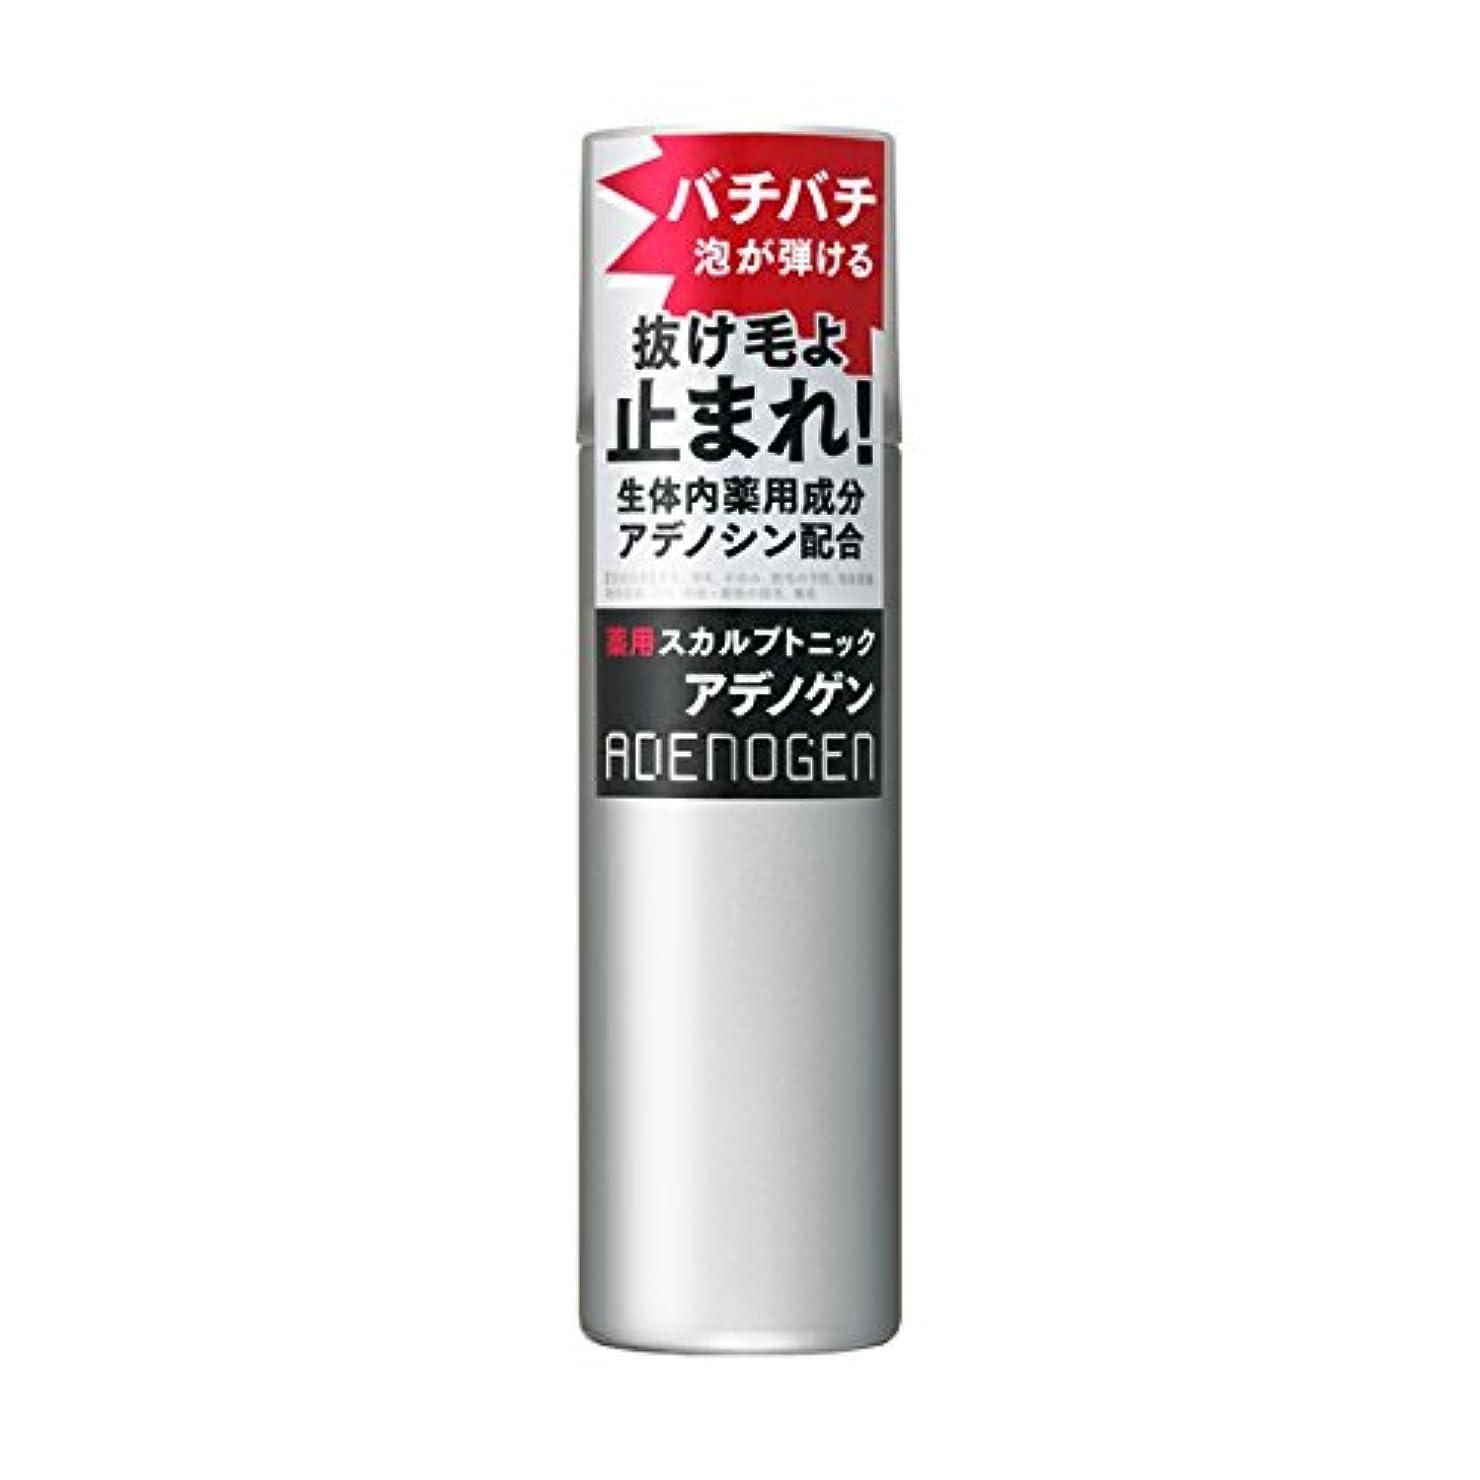 キウイテクスチャー間欠アデノゲン 薬用スカルプトニック 130g 【医薬部外品】